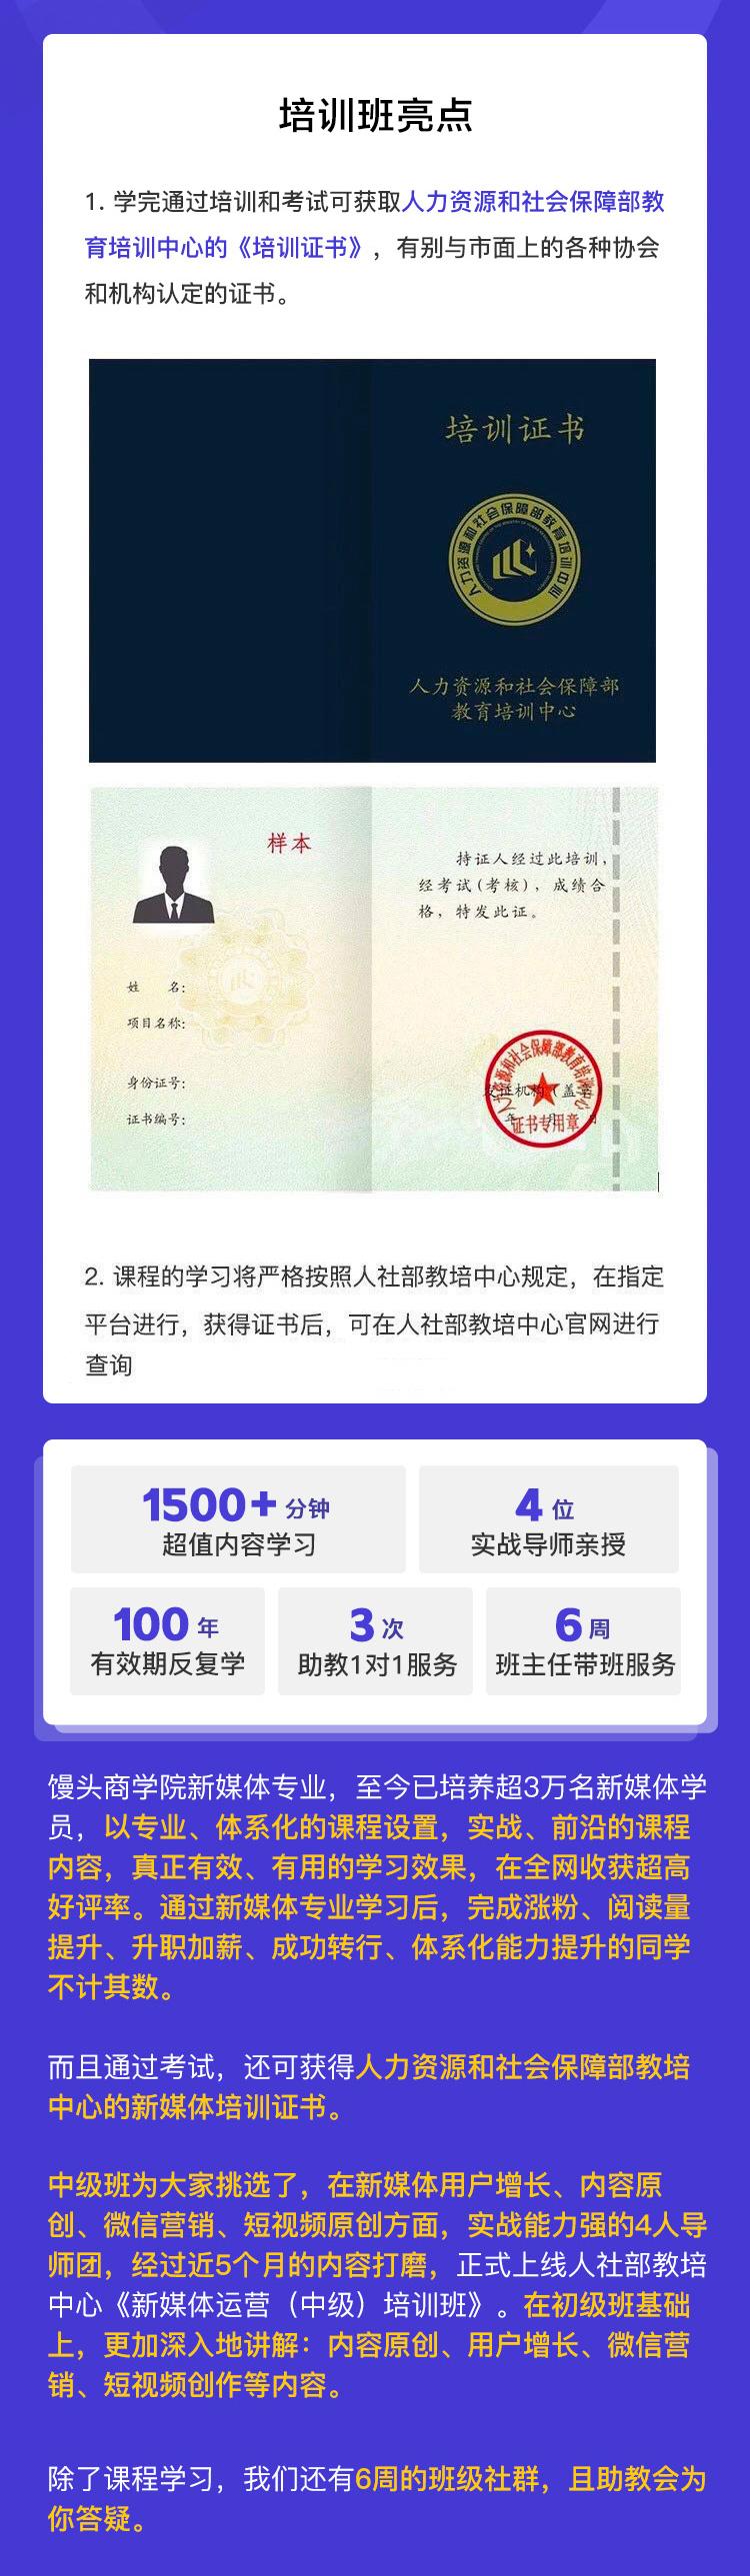 http://mtedu-img.oss-cn-beijing-internal.aliyuncs.com/ueditor/20210427185236_118000.jpg